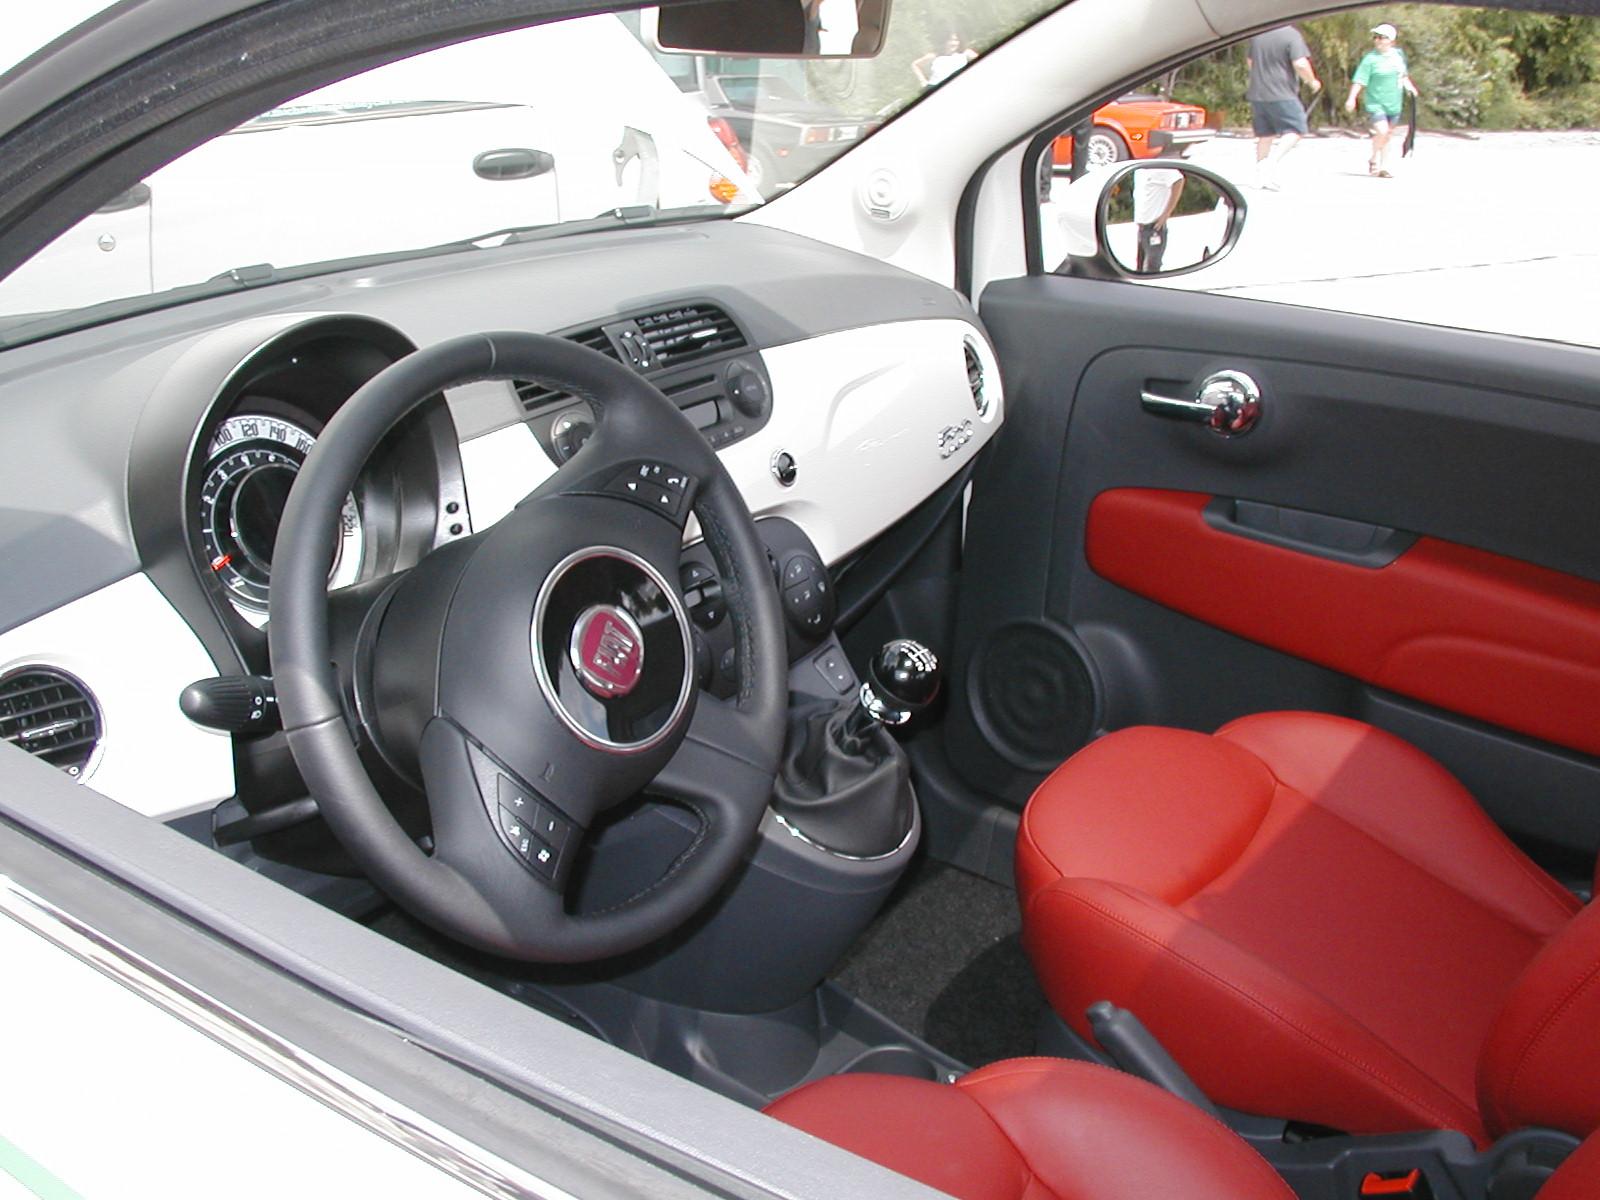 http://3.bp.blogspot.com/_7IhKWjDc9wg/TCoM7iQoiaI/AAAAAAAADU4/NDlJB20204c/s1600/Fiat500USA-Inside_Fiat_500_at+Fiat_FreakOut_2009.jpg